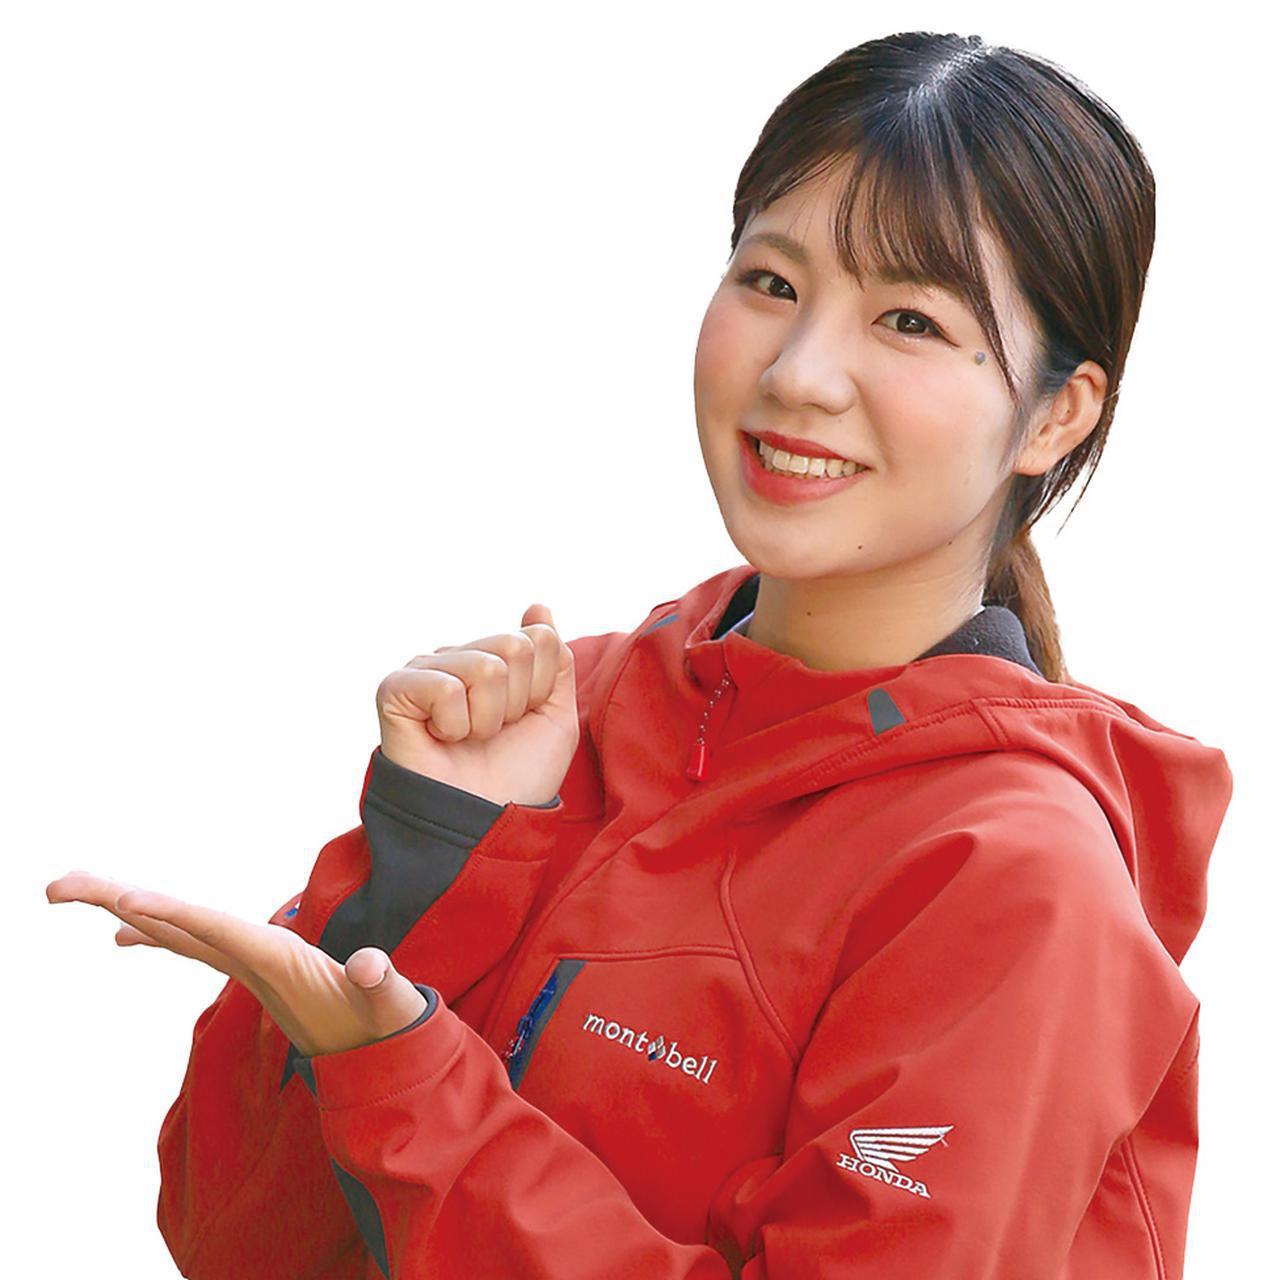 画像1: 札幌にできた新しいホンダドリーム「Honda Dreem 札幌西」の魅力とは?【梅本まどかのドリームクエスト2】